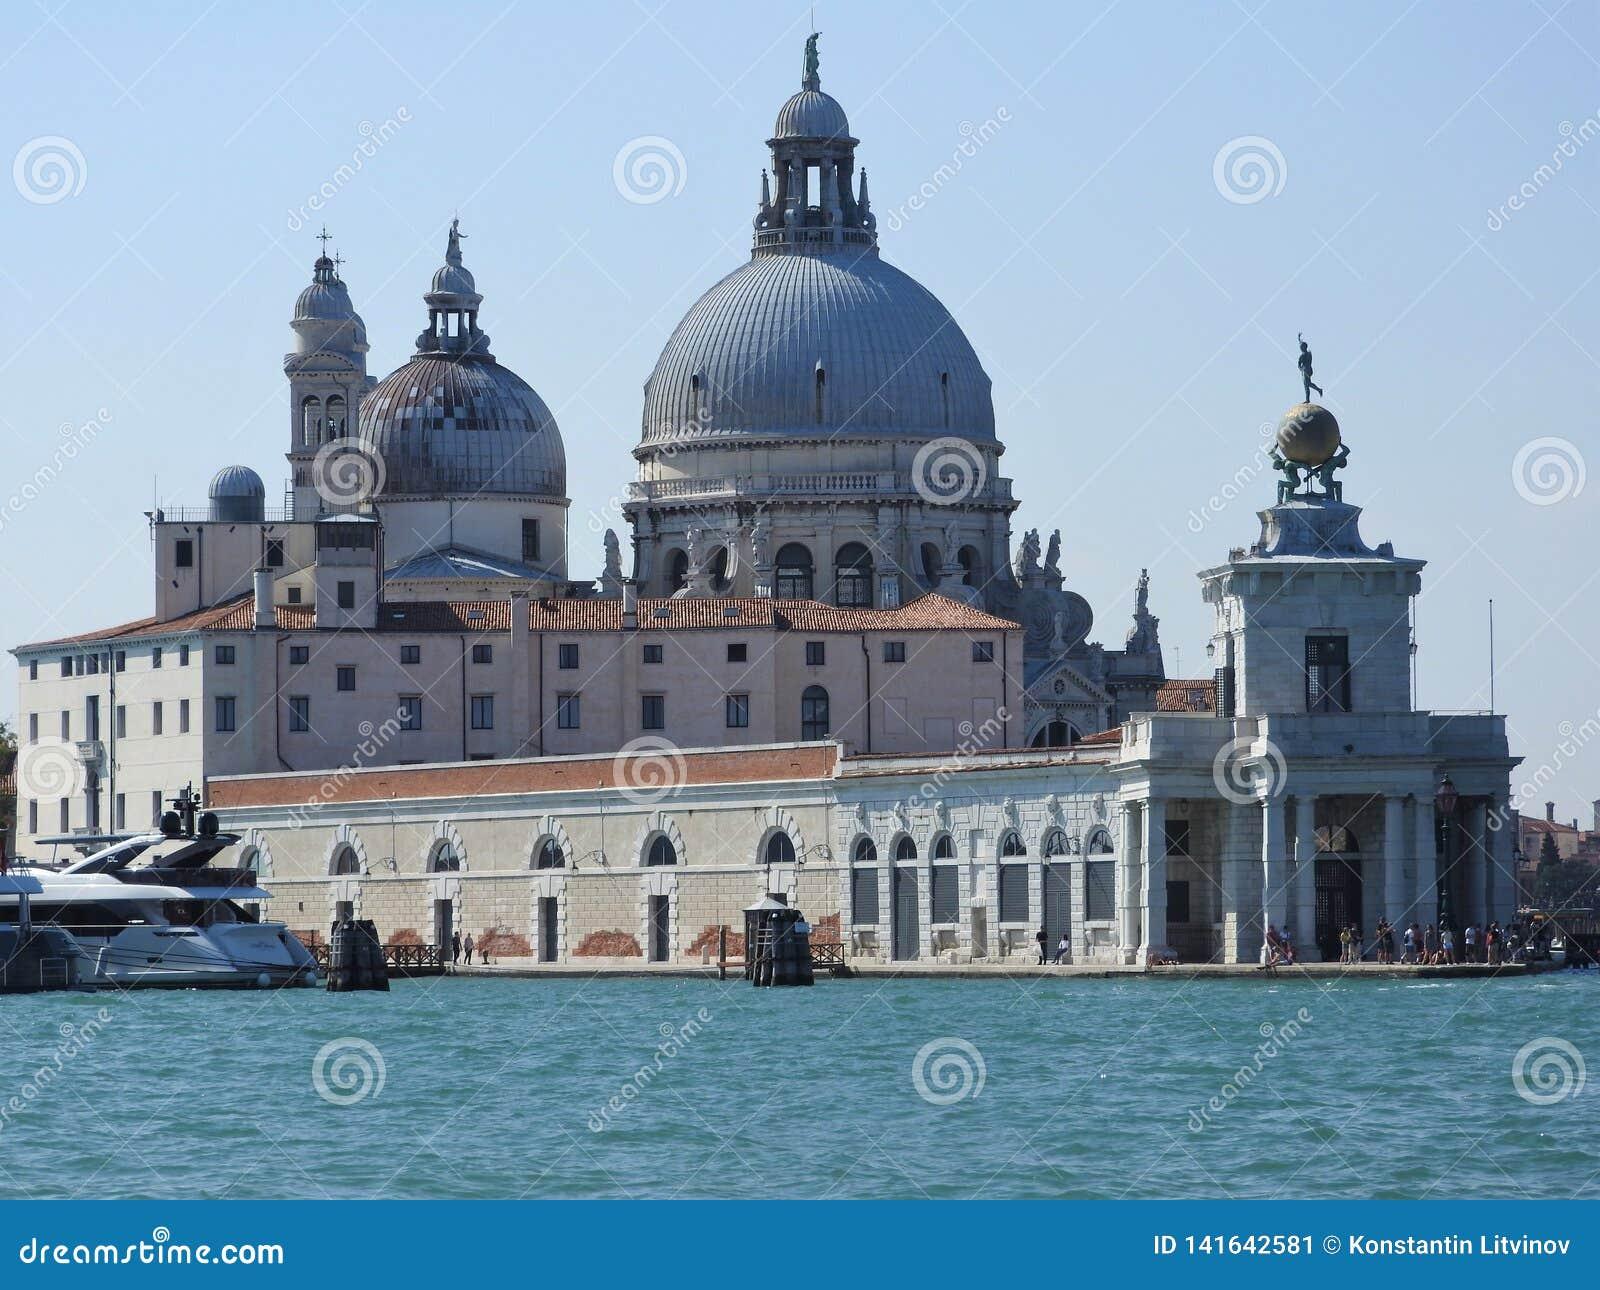 Letniego dnia widok od wody Wenecka laguna z bazyliką Santa Maria della salut w Wenecja, Włochy